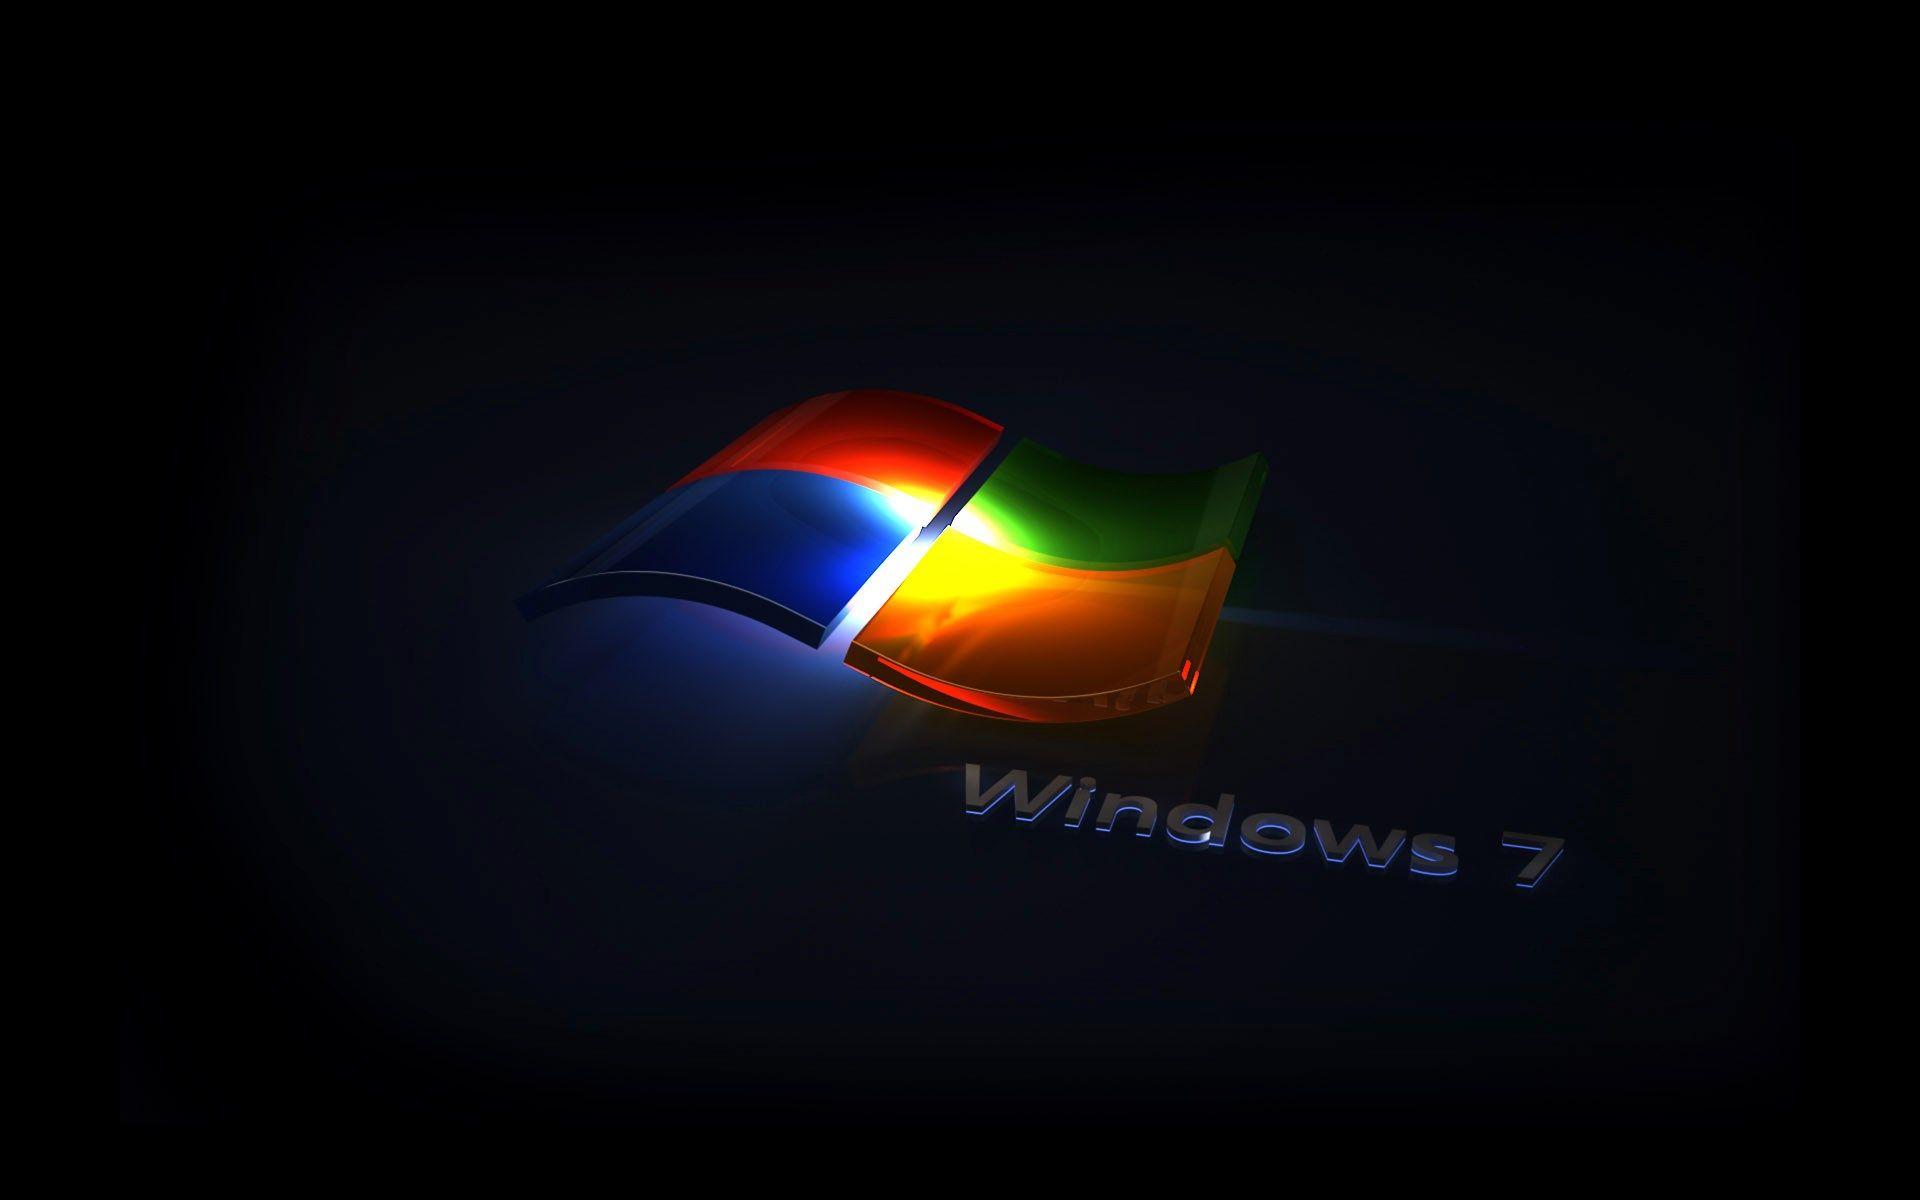 Windows 1920x1200 Windows Wallpaper Logo Wallpaper Hd 3d